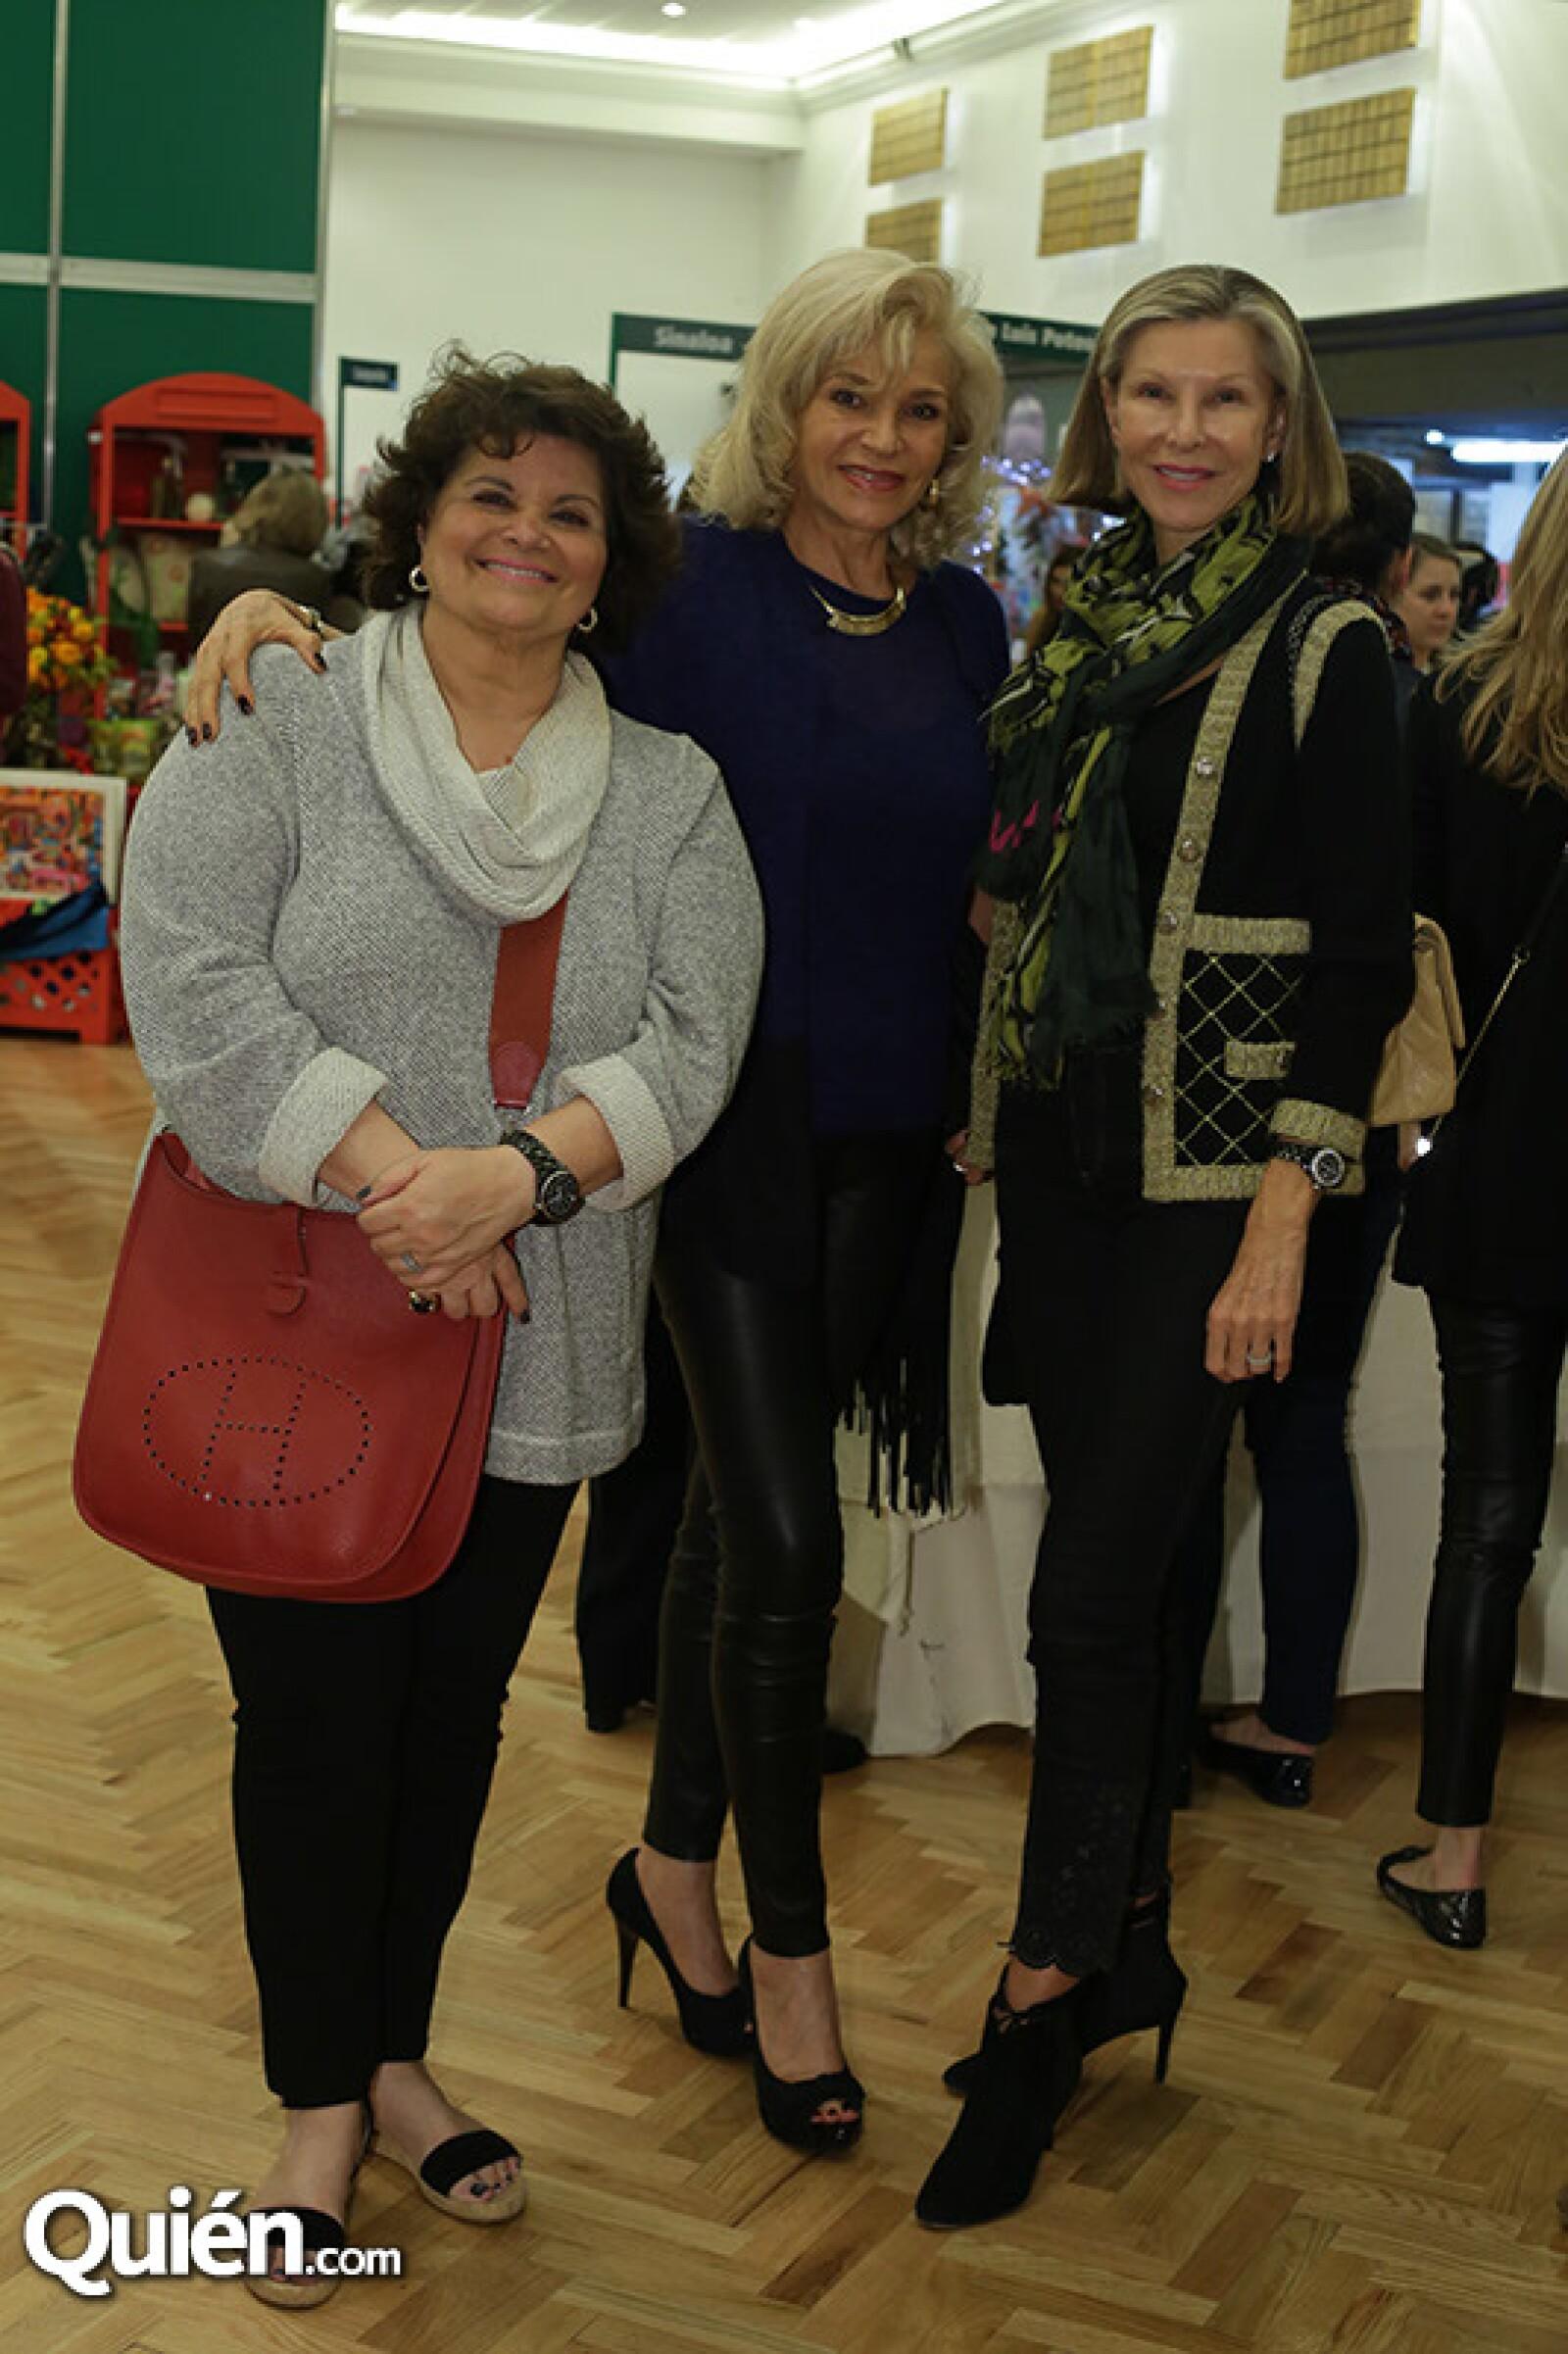 Linda Canan,María Pupko y Evelyn Schmidt